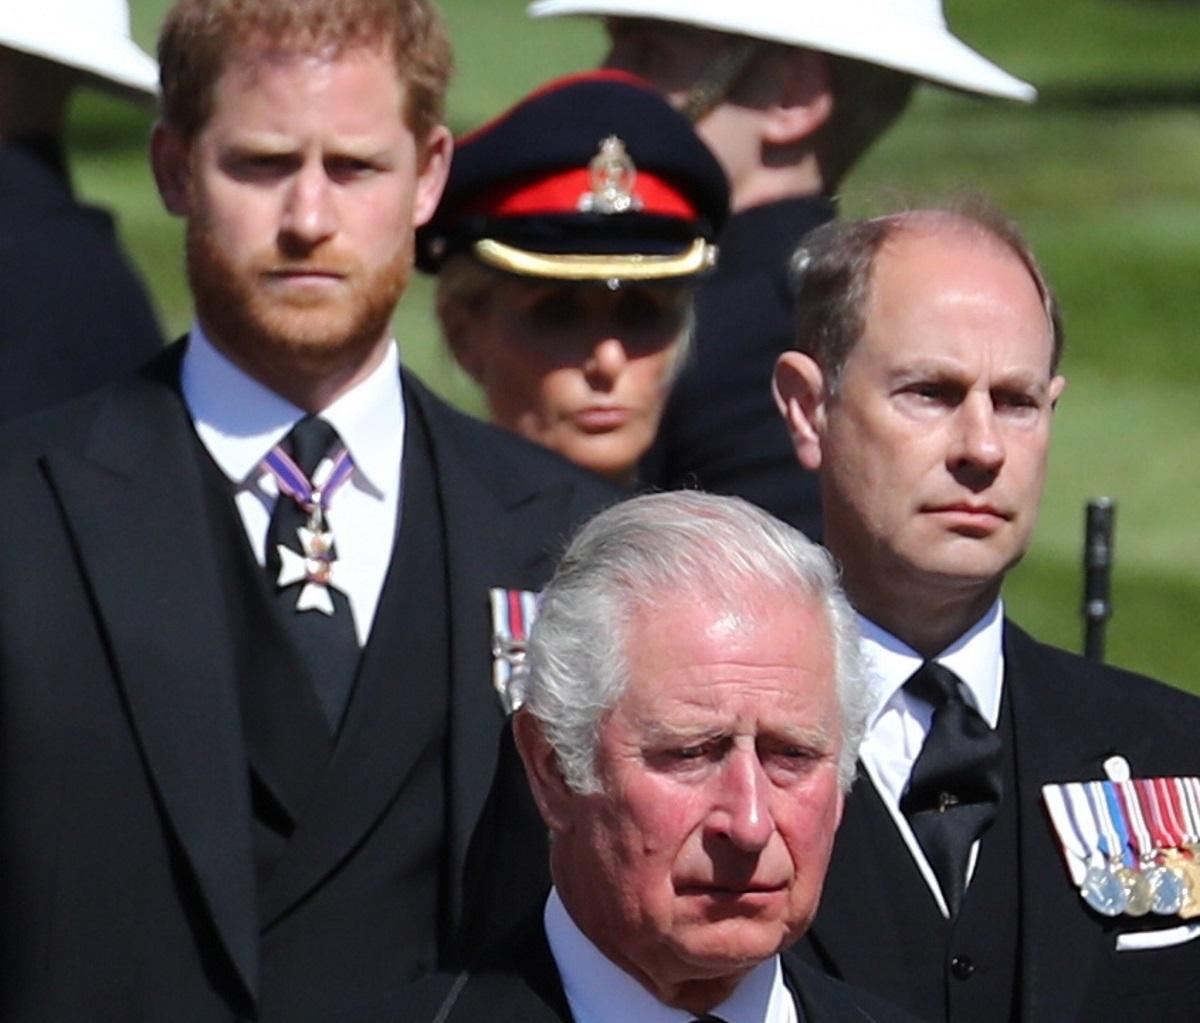 Ο πρίγκιπας Χάρι έστειλε μια «βαθιά προσωπική» επιστολή στον Κάρολο πριν πάει στην Βρετανία